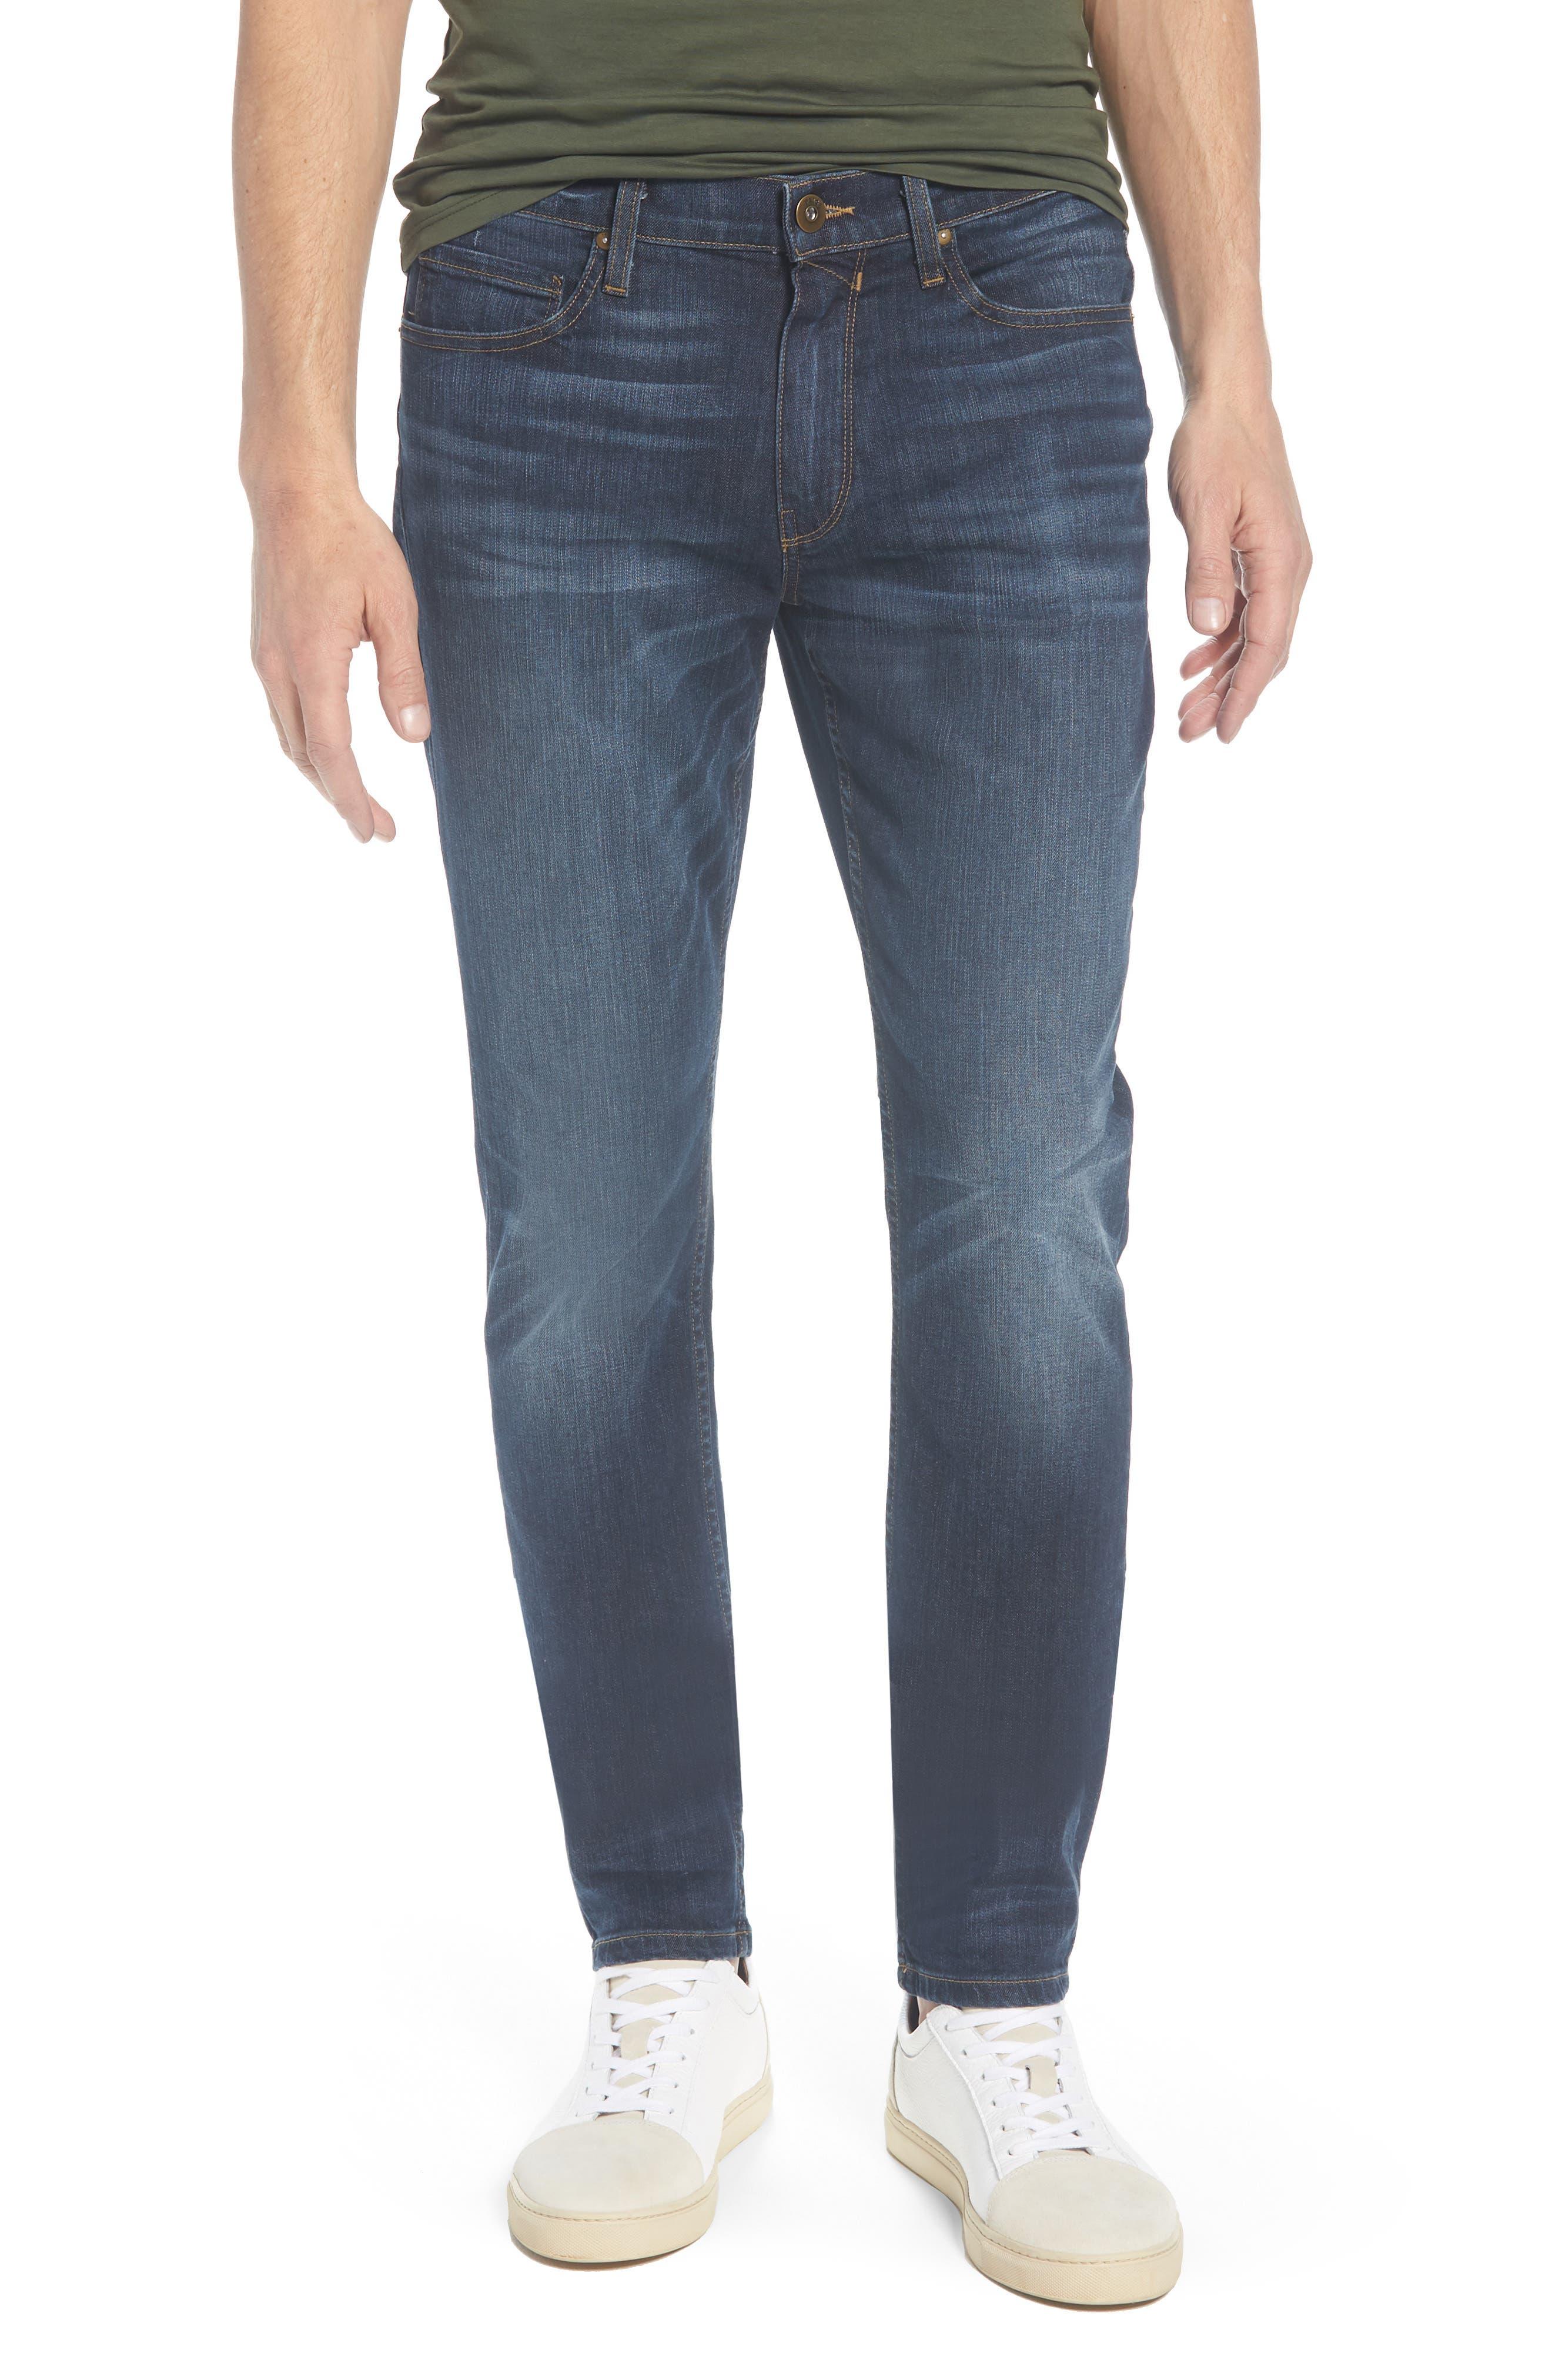 Transcend - Lennox Slim Fit Jeans,                             Main thumbnail 1, color,                             Hestan